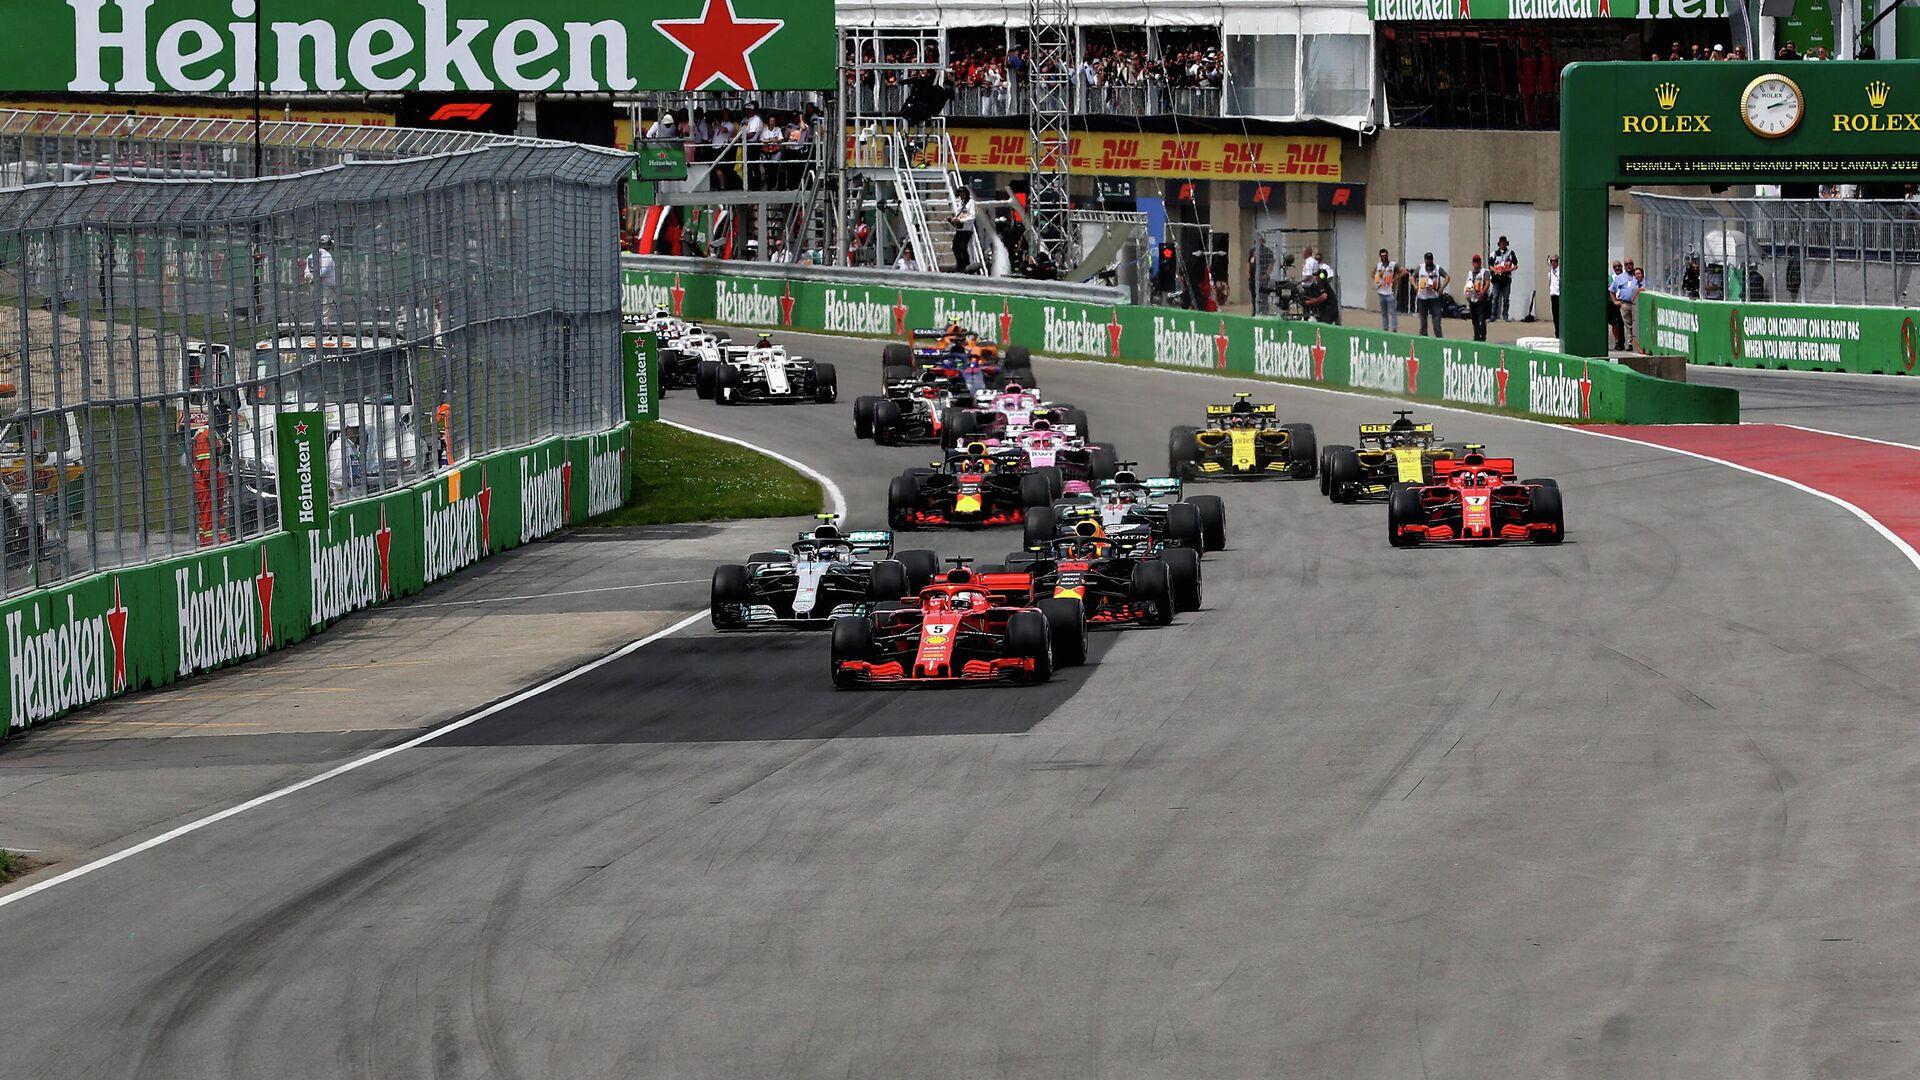 Гран-при Формулы-1 в канадском Монреале - РИА Новости, 1920, 15.04.2021